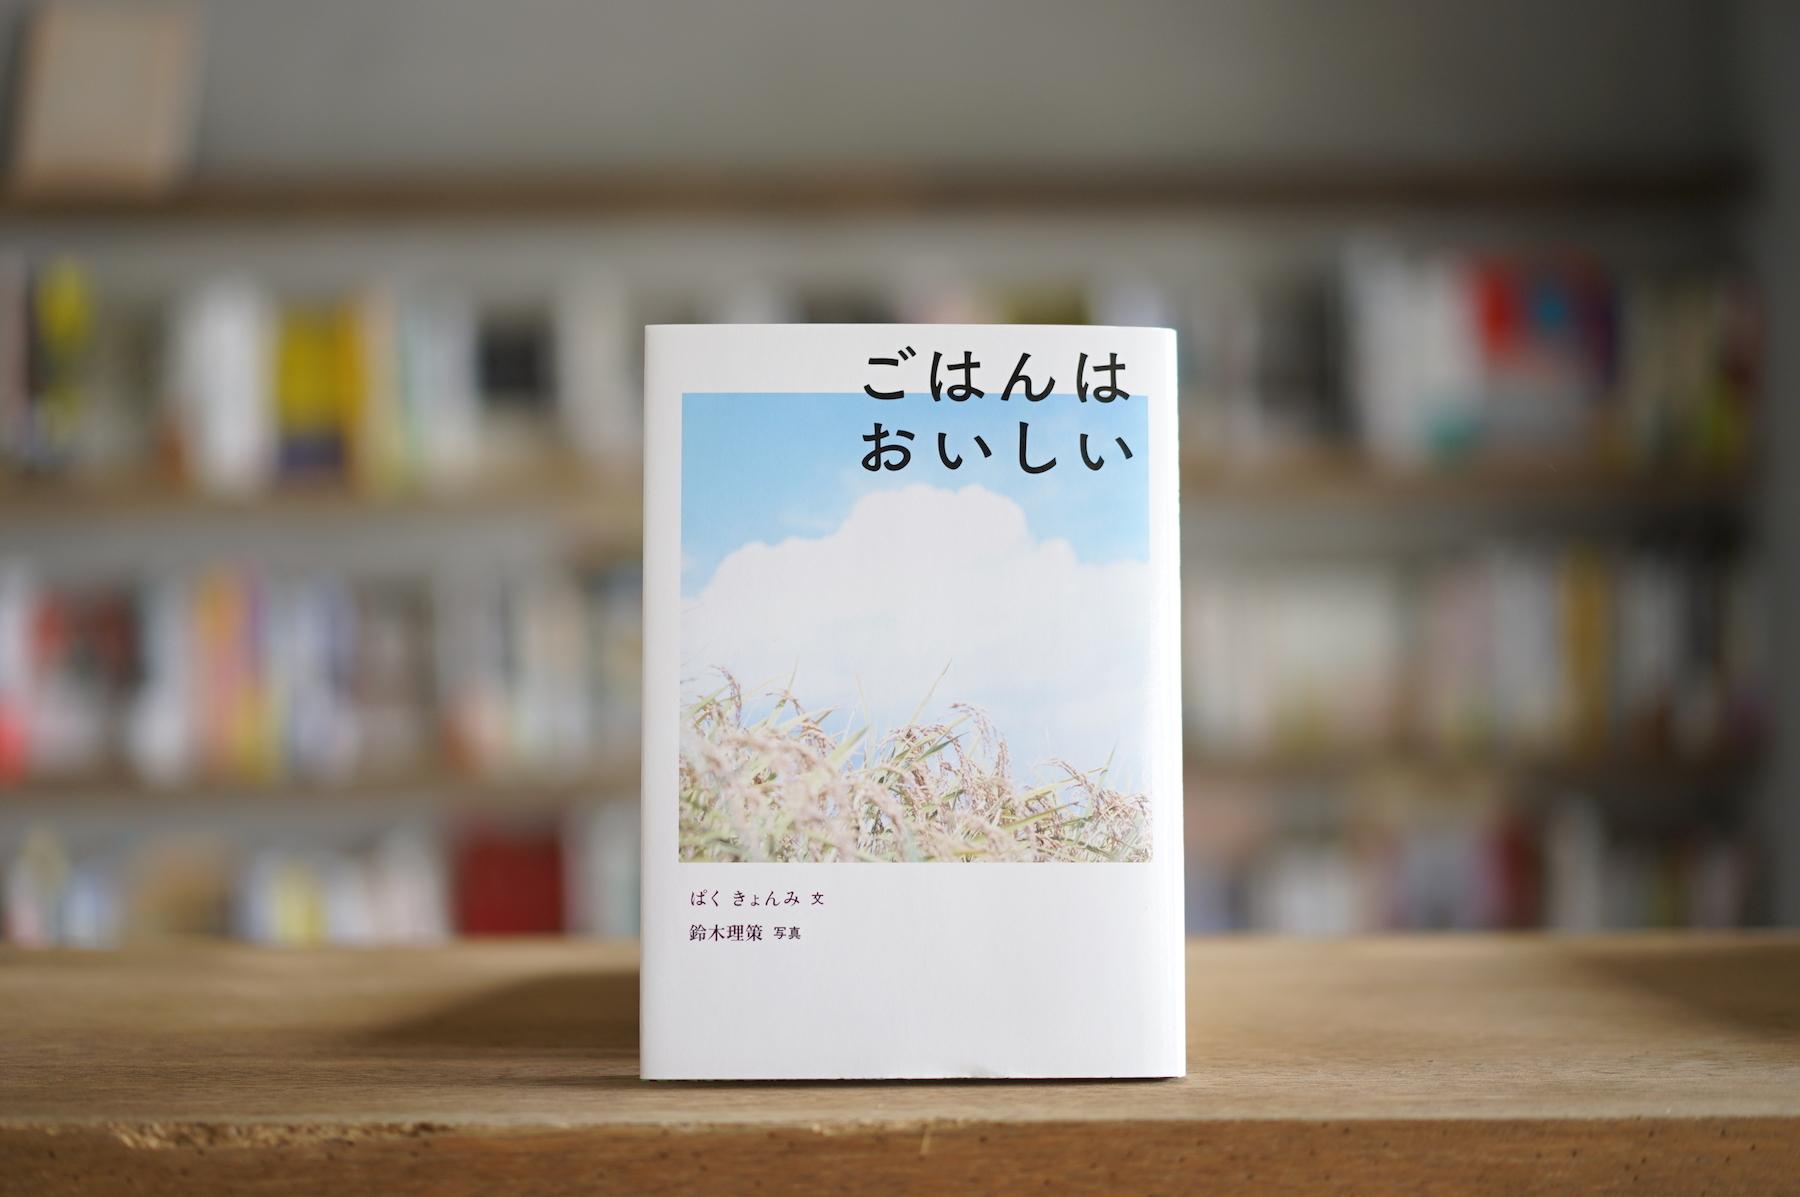 文:ぱくきょんみ 写真:鈴木理策 『ごはんはおいしい』 (福音館書店、2017)